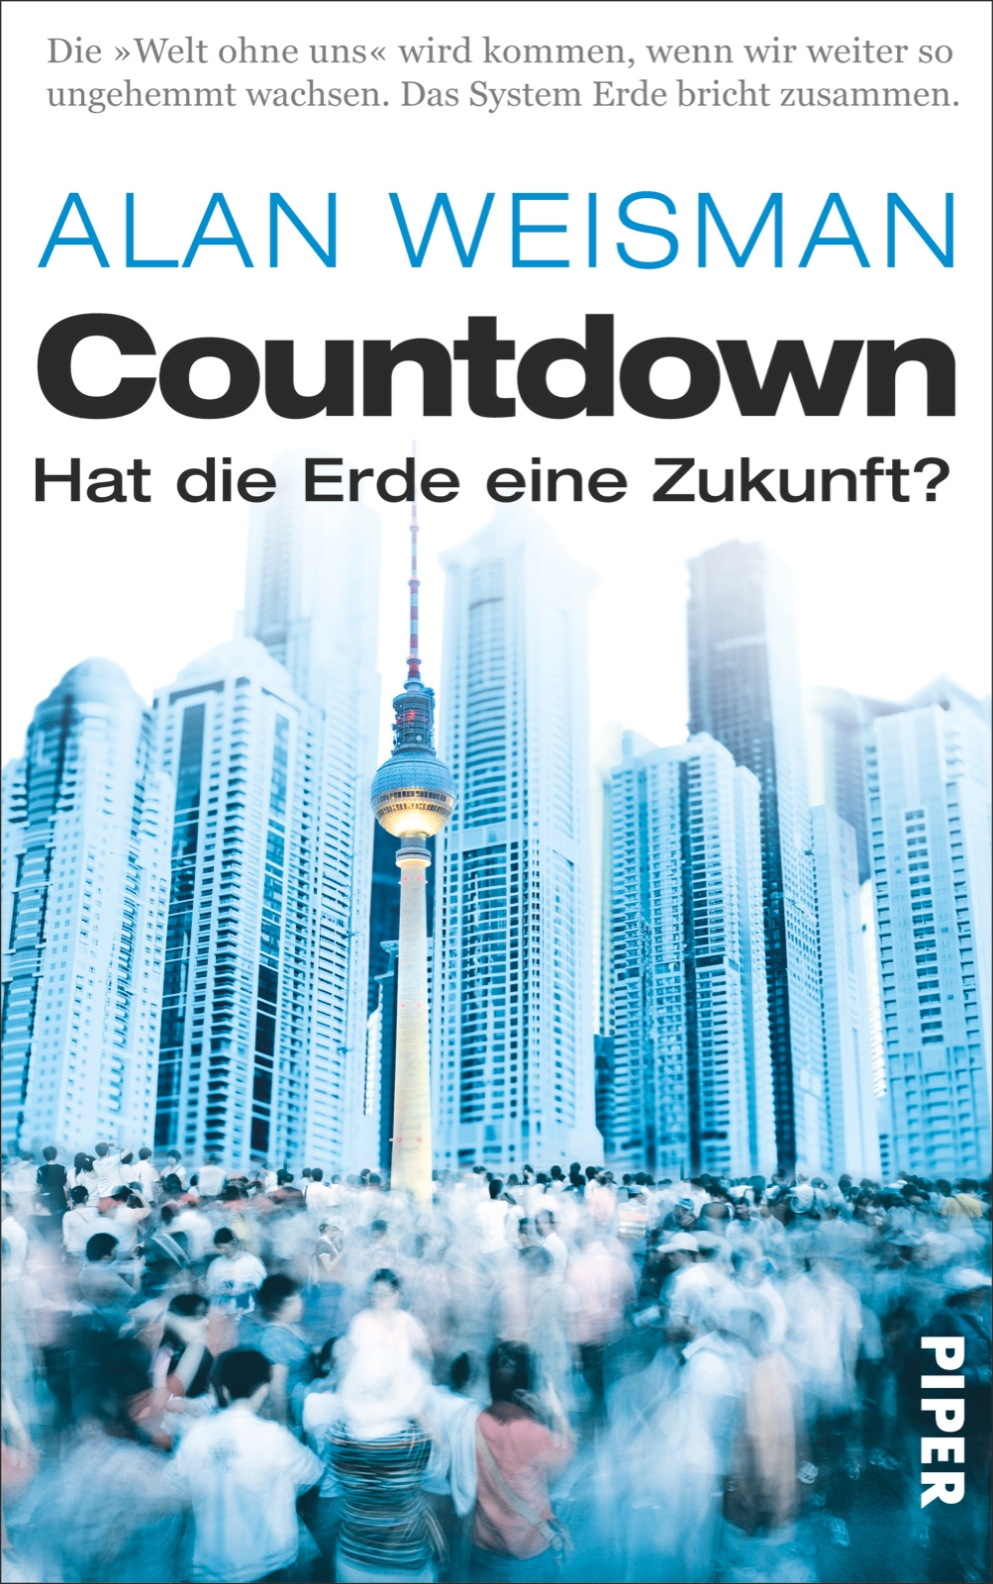 Alan Weismann: Countdown. Hat die Erde eine Zukunft?